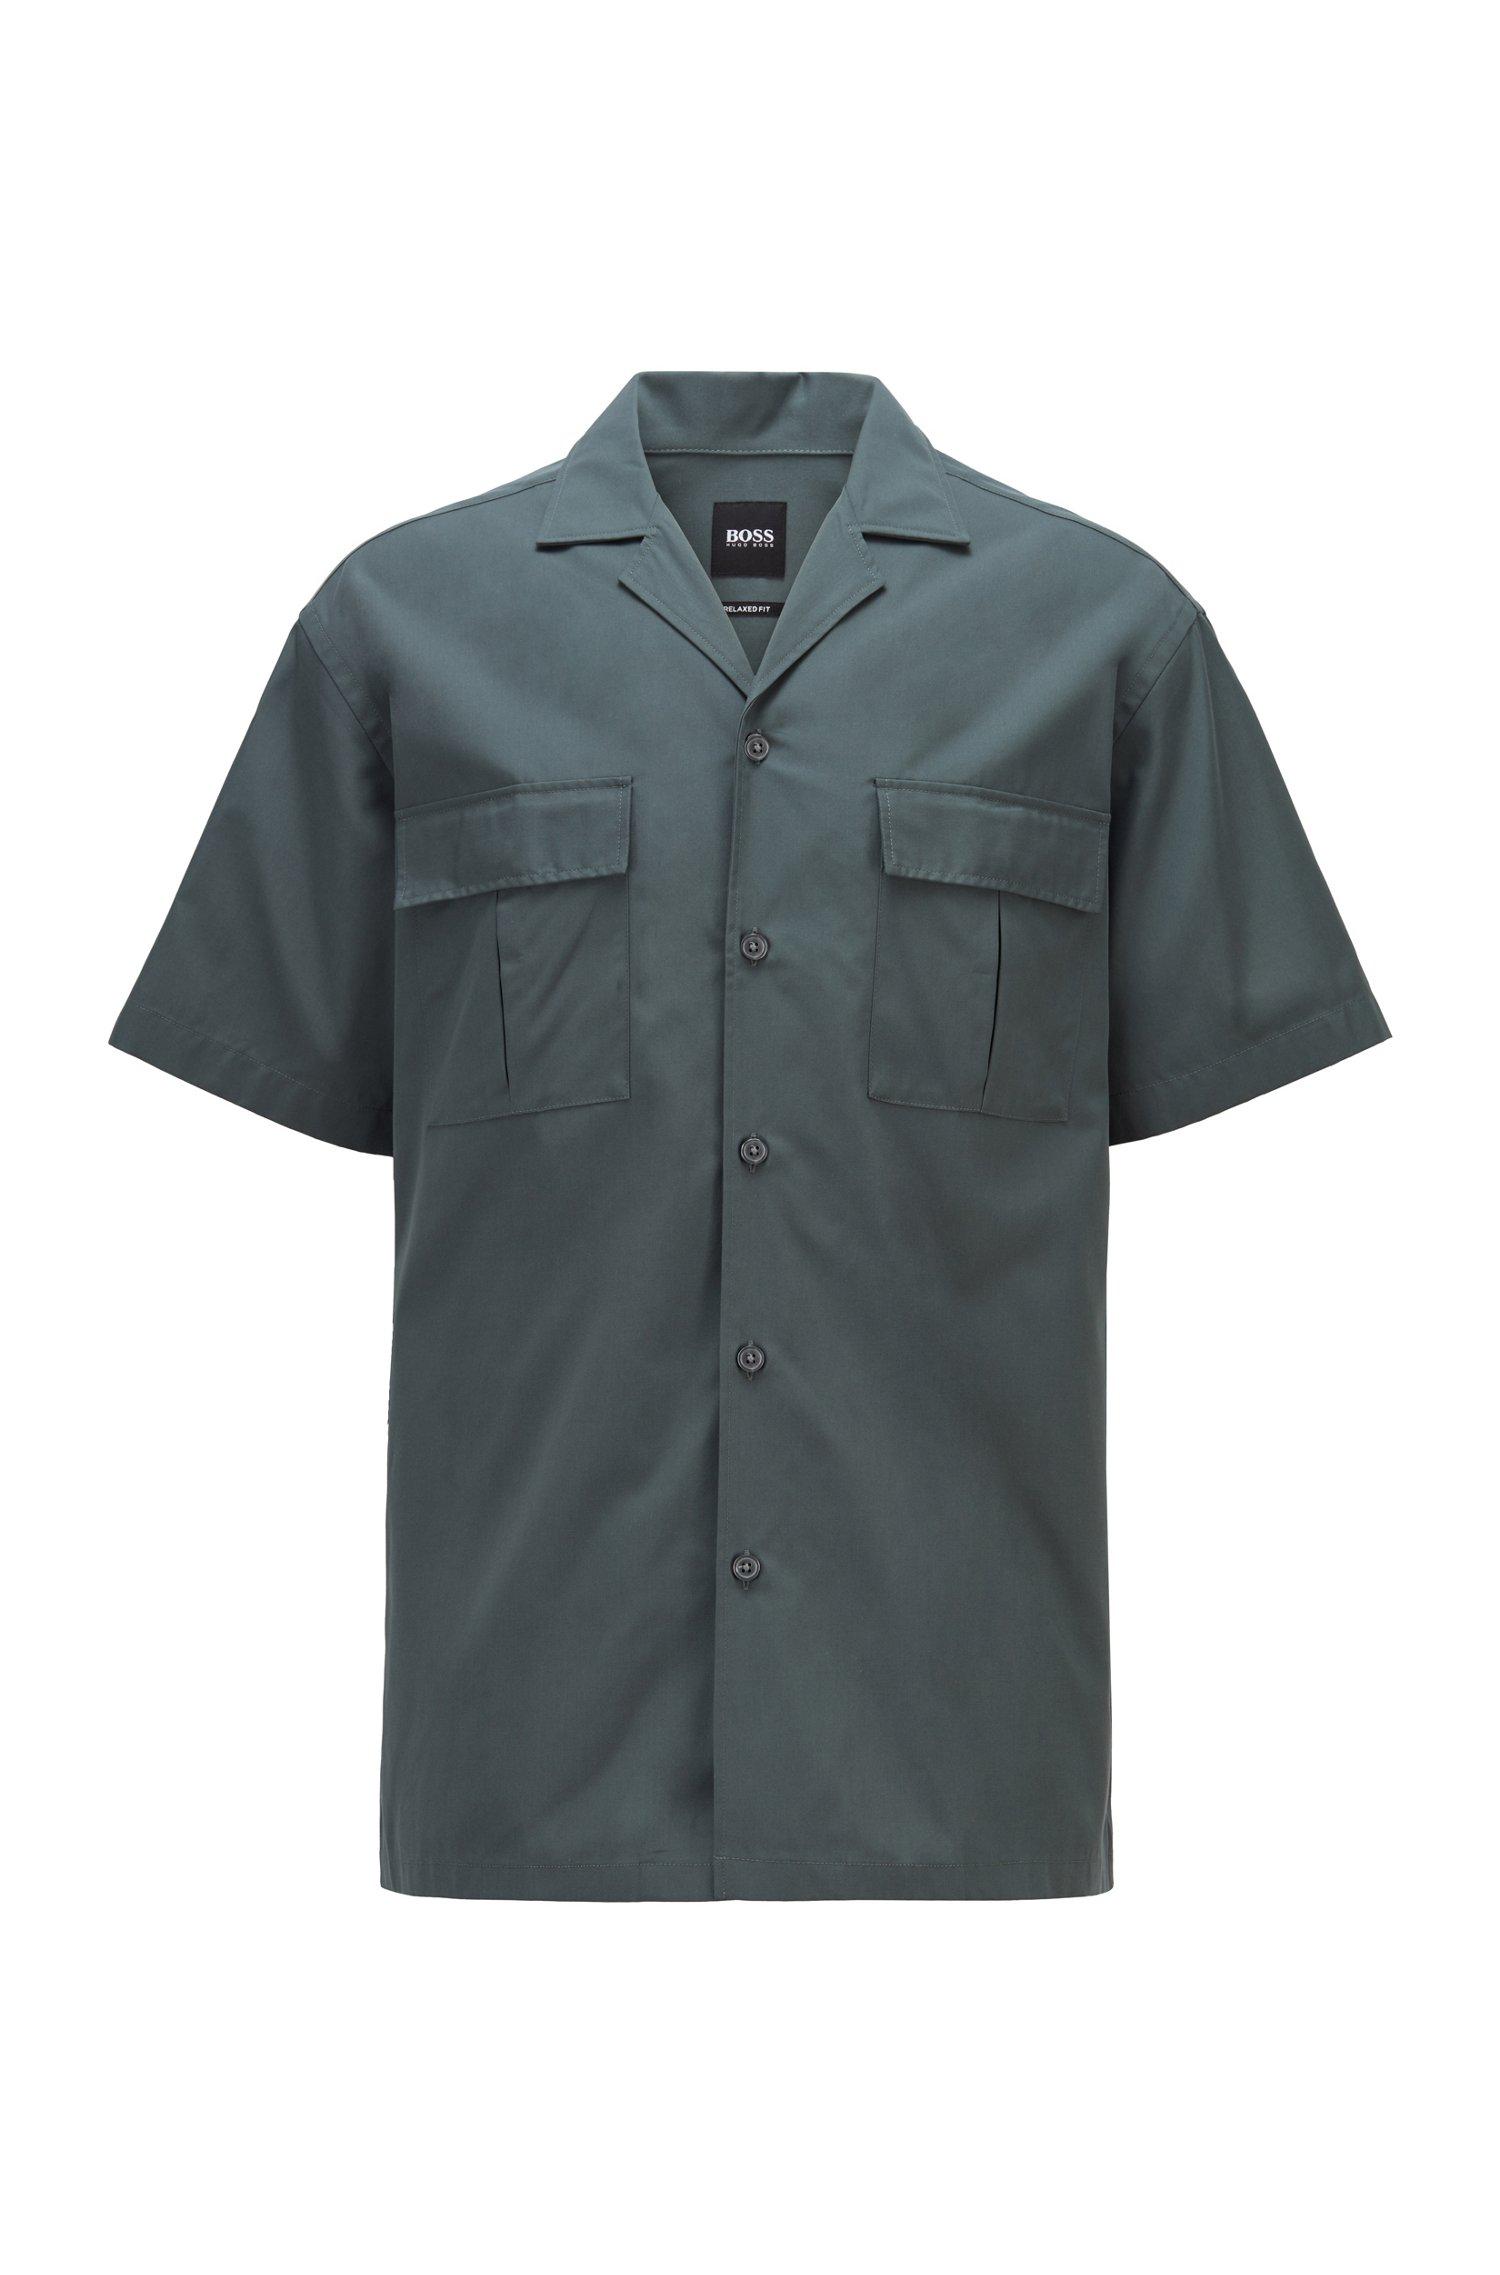 リラックスフィットシャツ コットンポプリン キャンプカラー, ダークグリーン